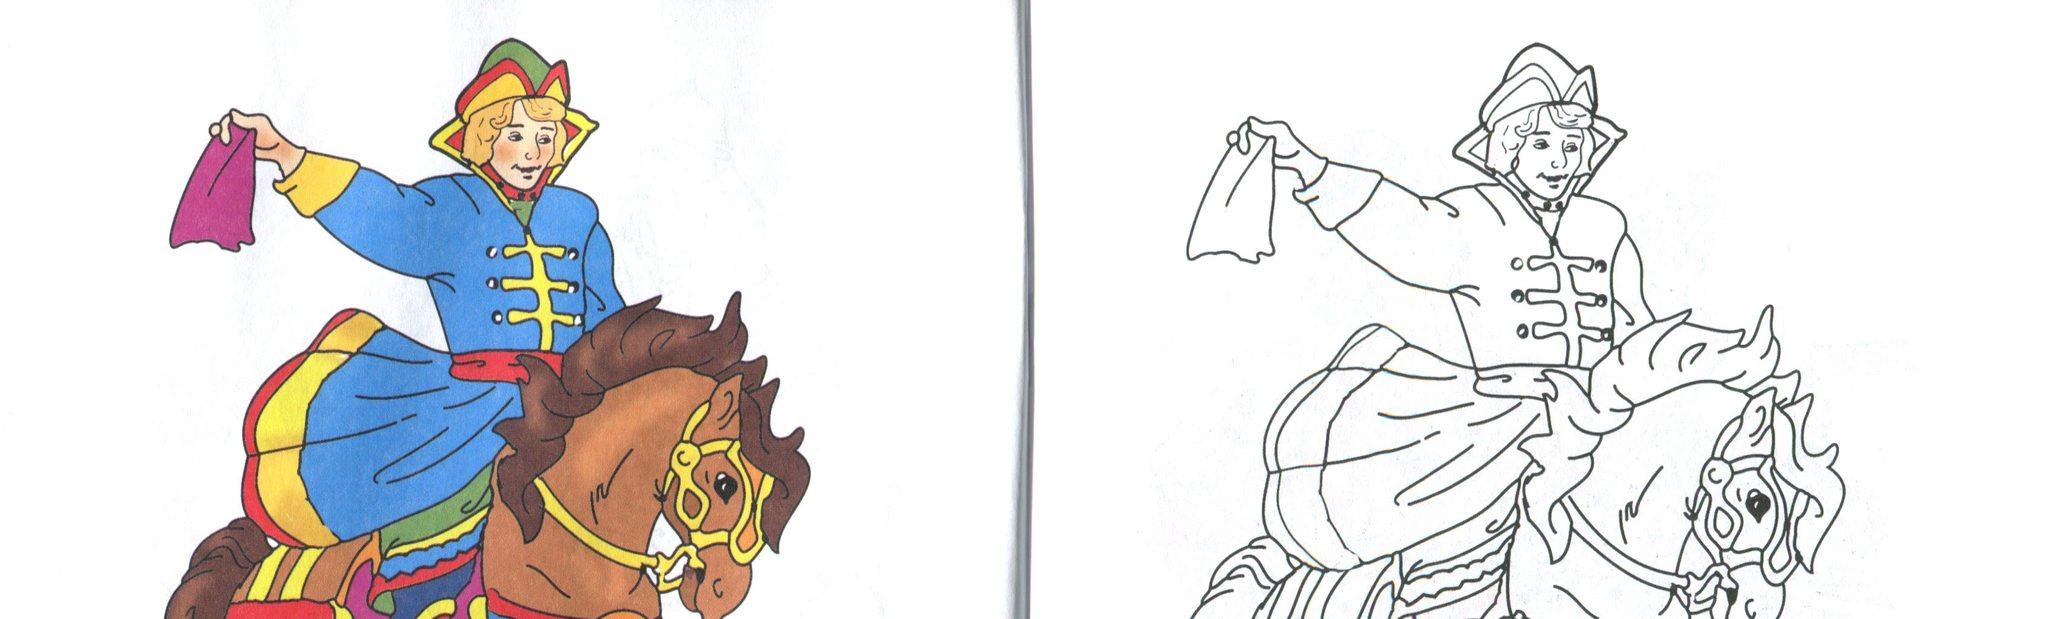 раскраска для мальчиков герои русских сказок